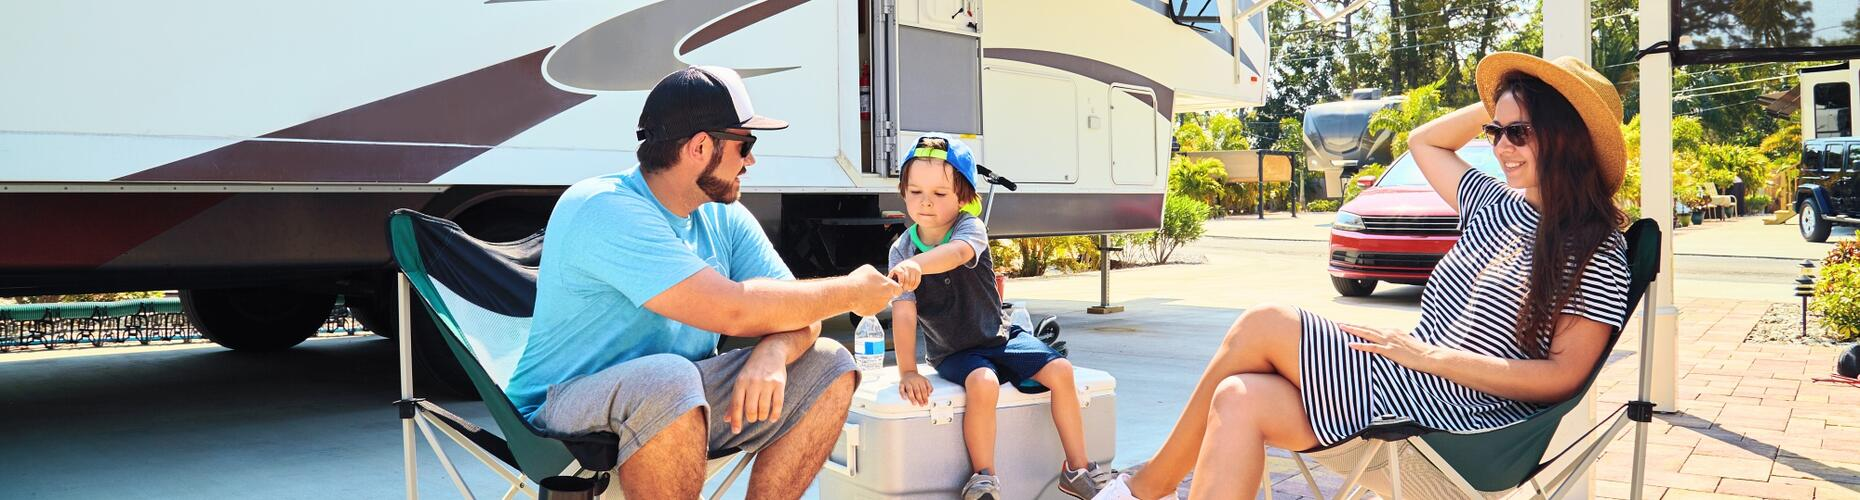 Offerta Speciale Giugno in Campeggio a Cavallino Treporti con spiaggia inclusa